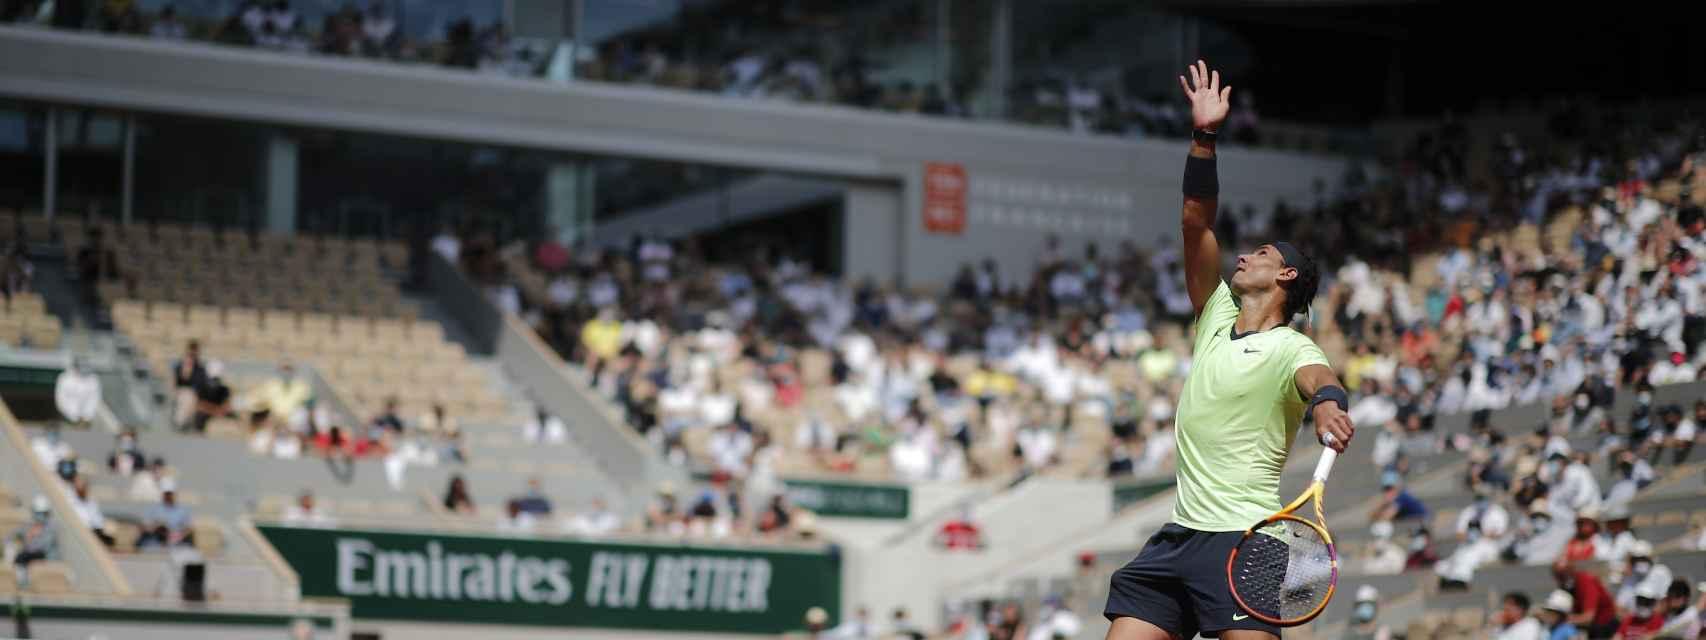 Rafa Nadal, durante su duelo contra Diego Schwartzman en Roland Garros 2021